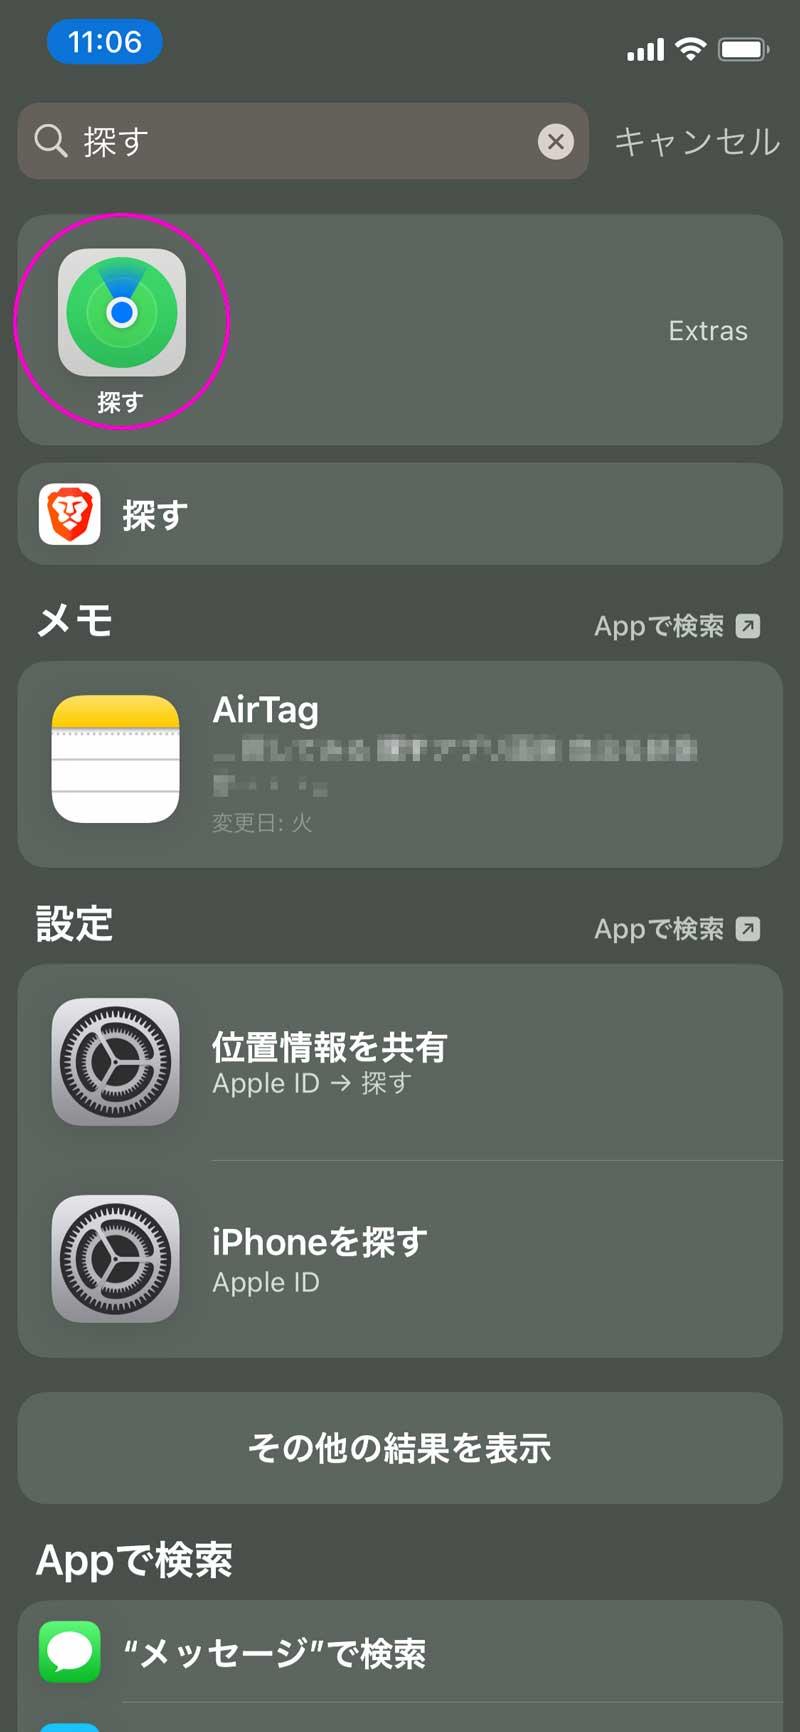 探す アプリ